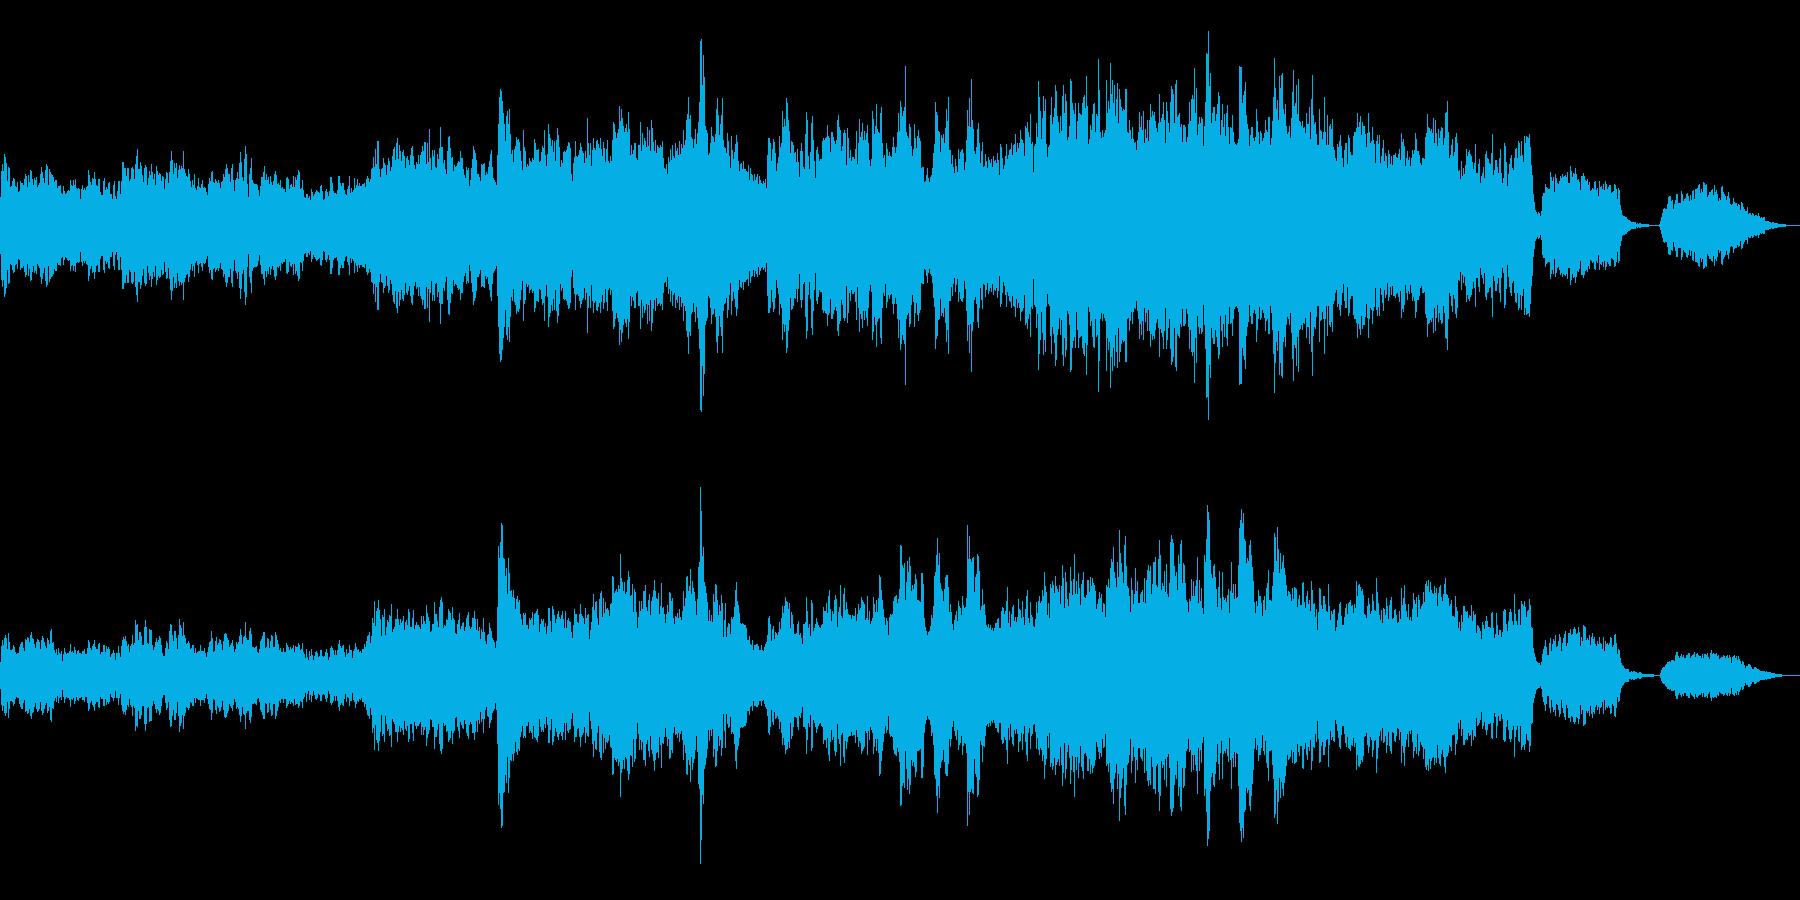 バイオリンが絡み合う感動的な曲の再生済みの波形